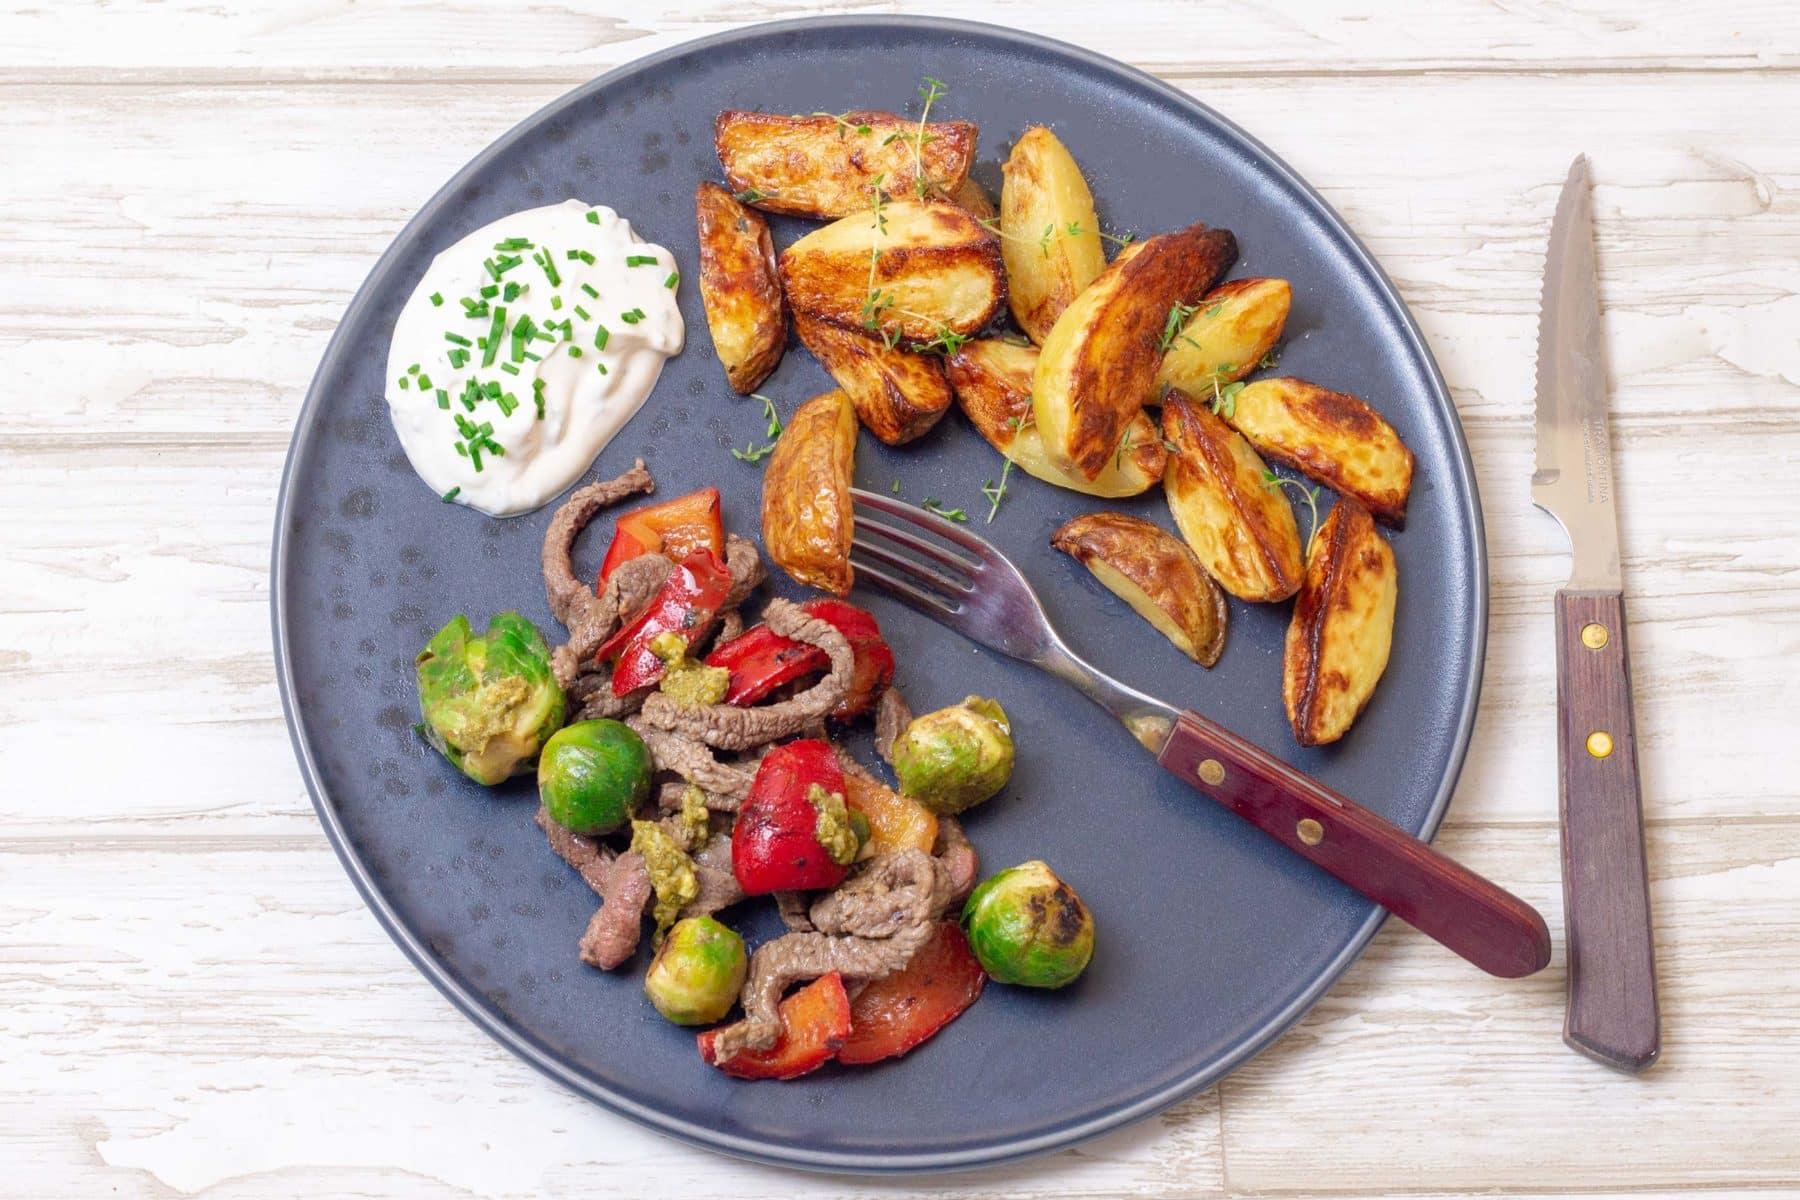 Kartoffelbåde Med Stegte Kødstrimler Og Grøntsager